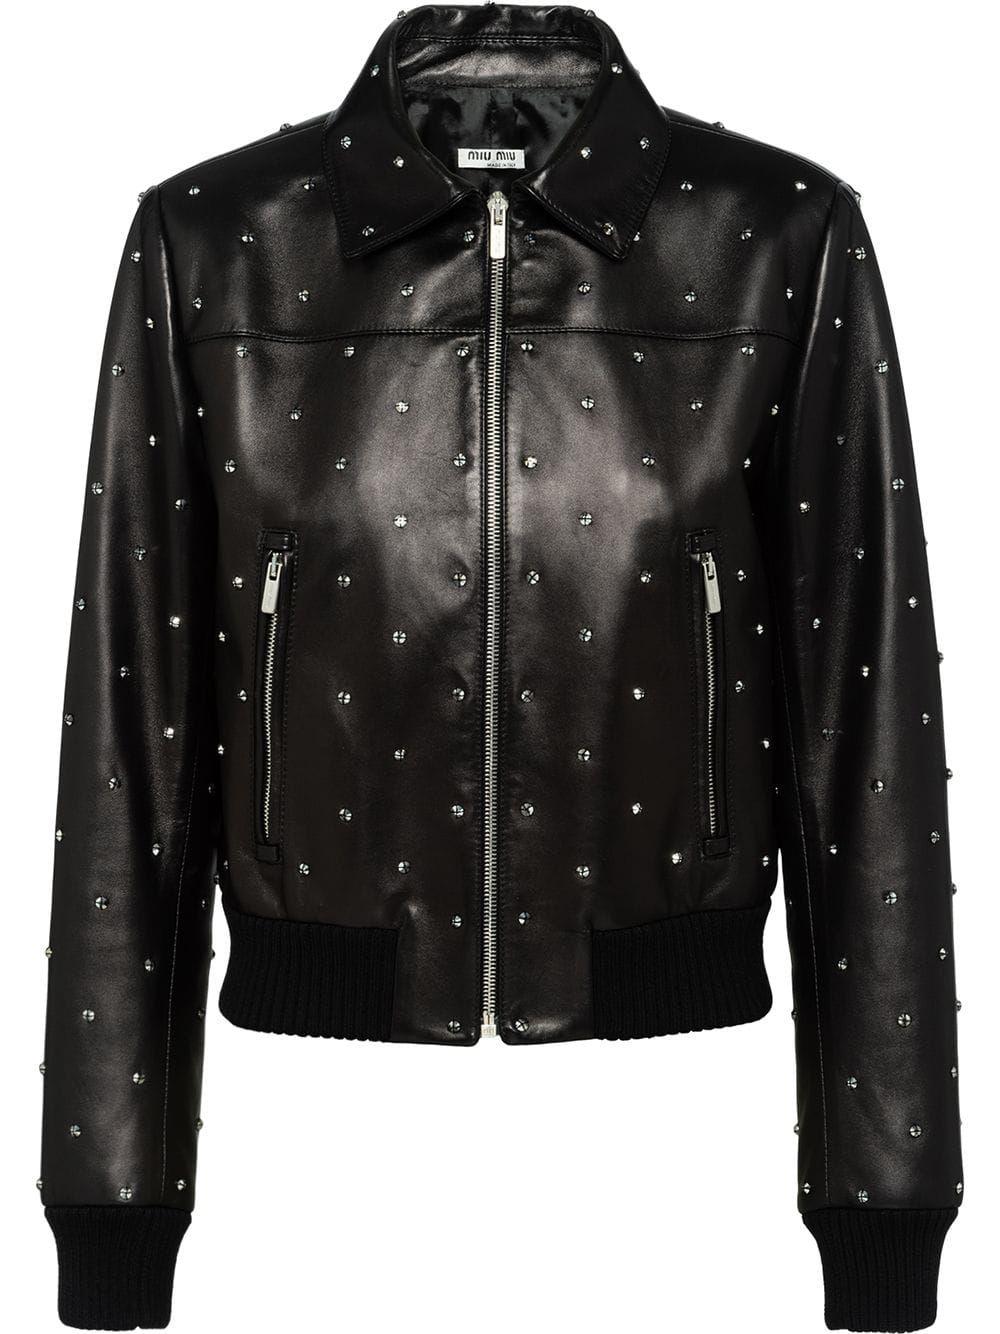 Miu Miu crystal embellished biker jacket Black Jackets